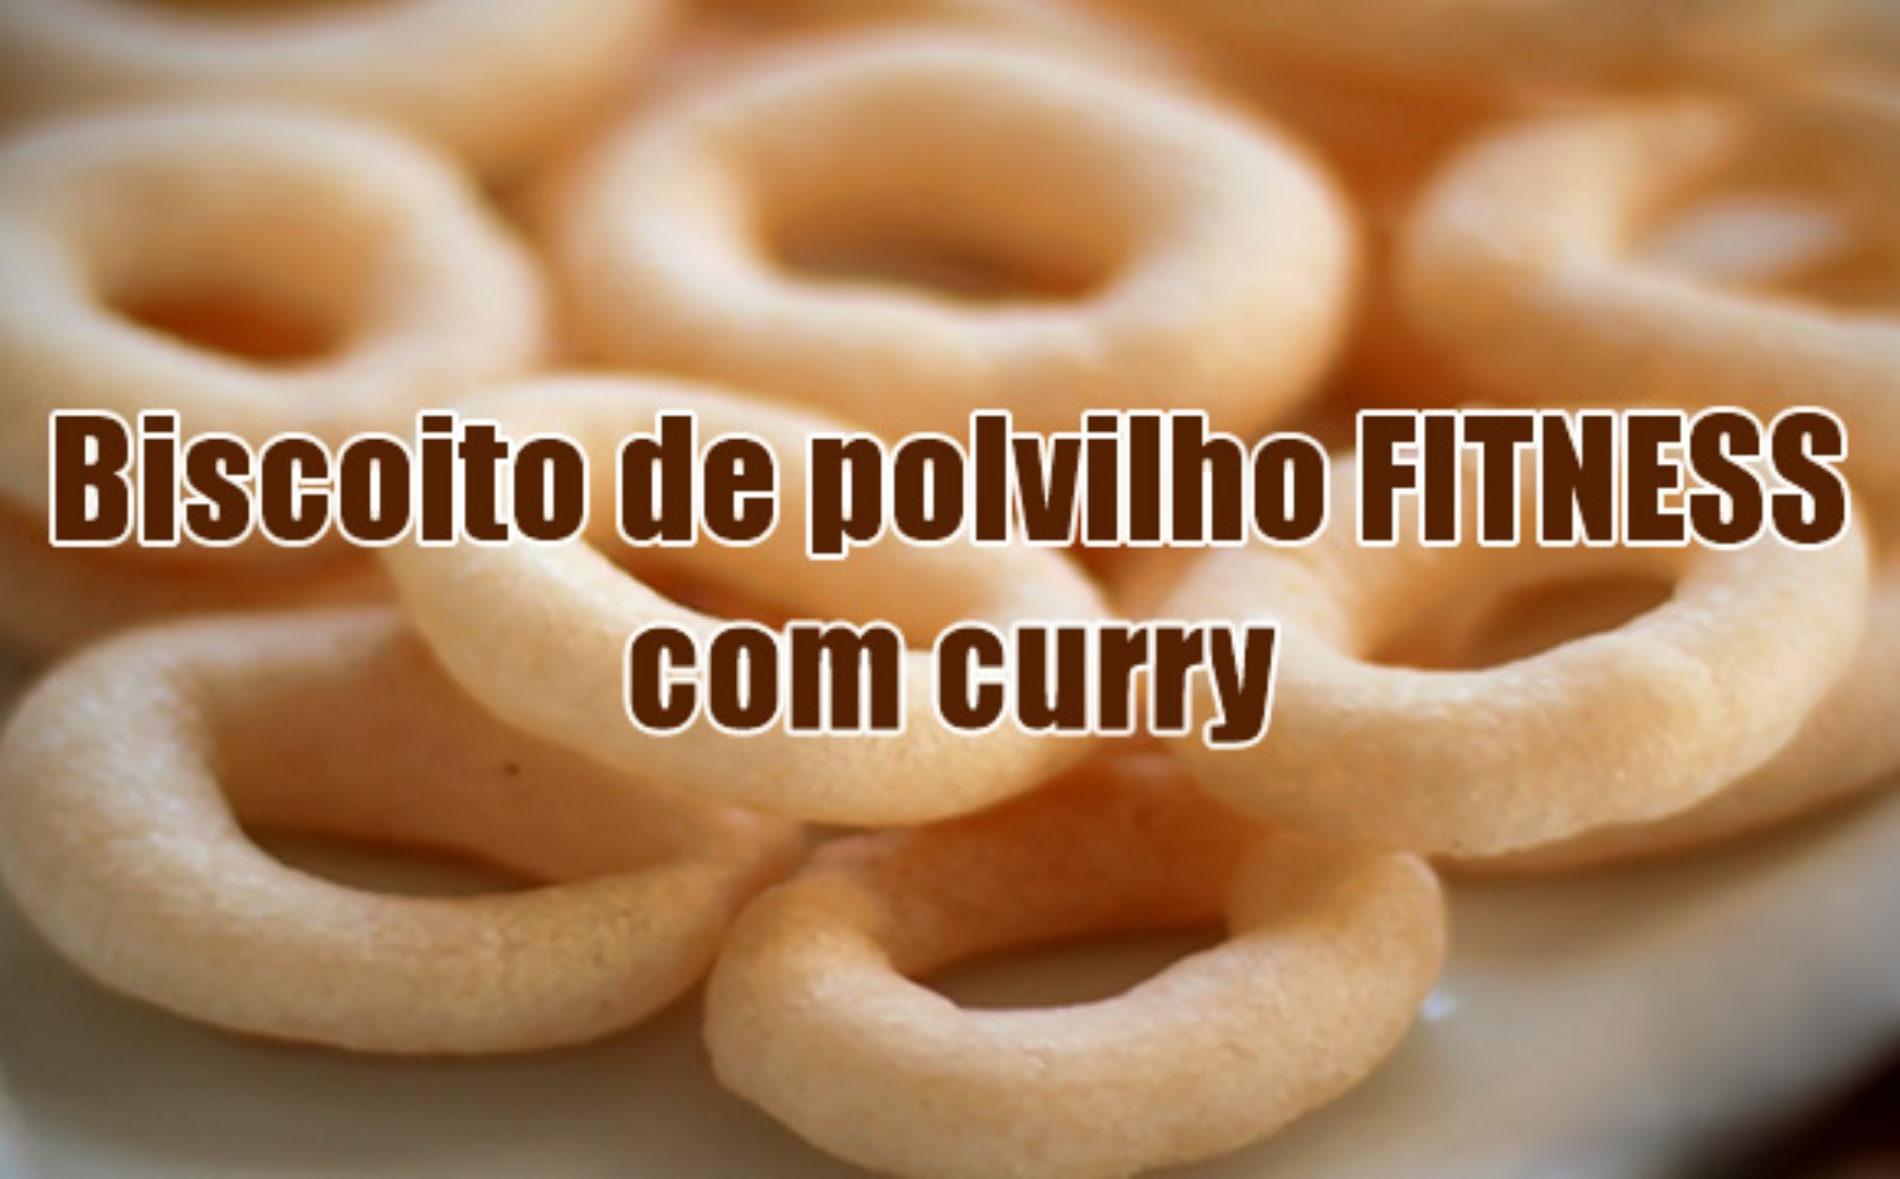 Biscoito de polvilho fitness caseiro com Curry